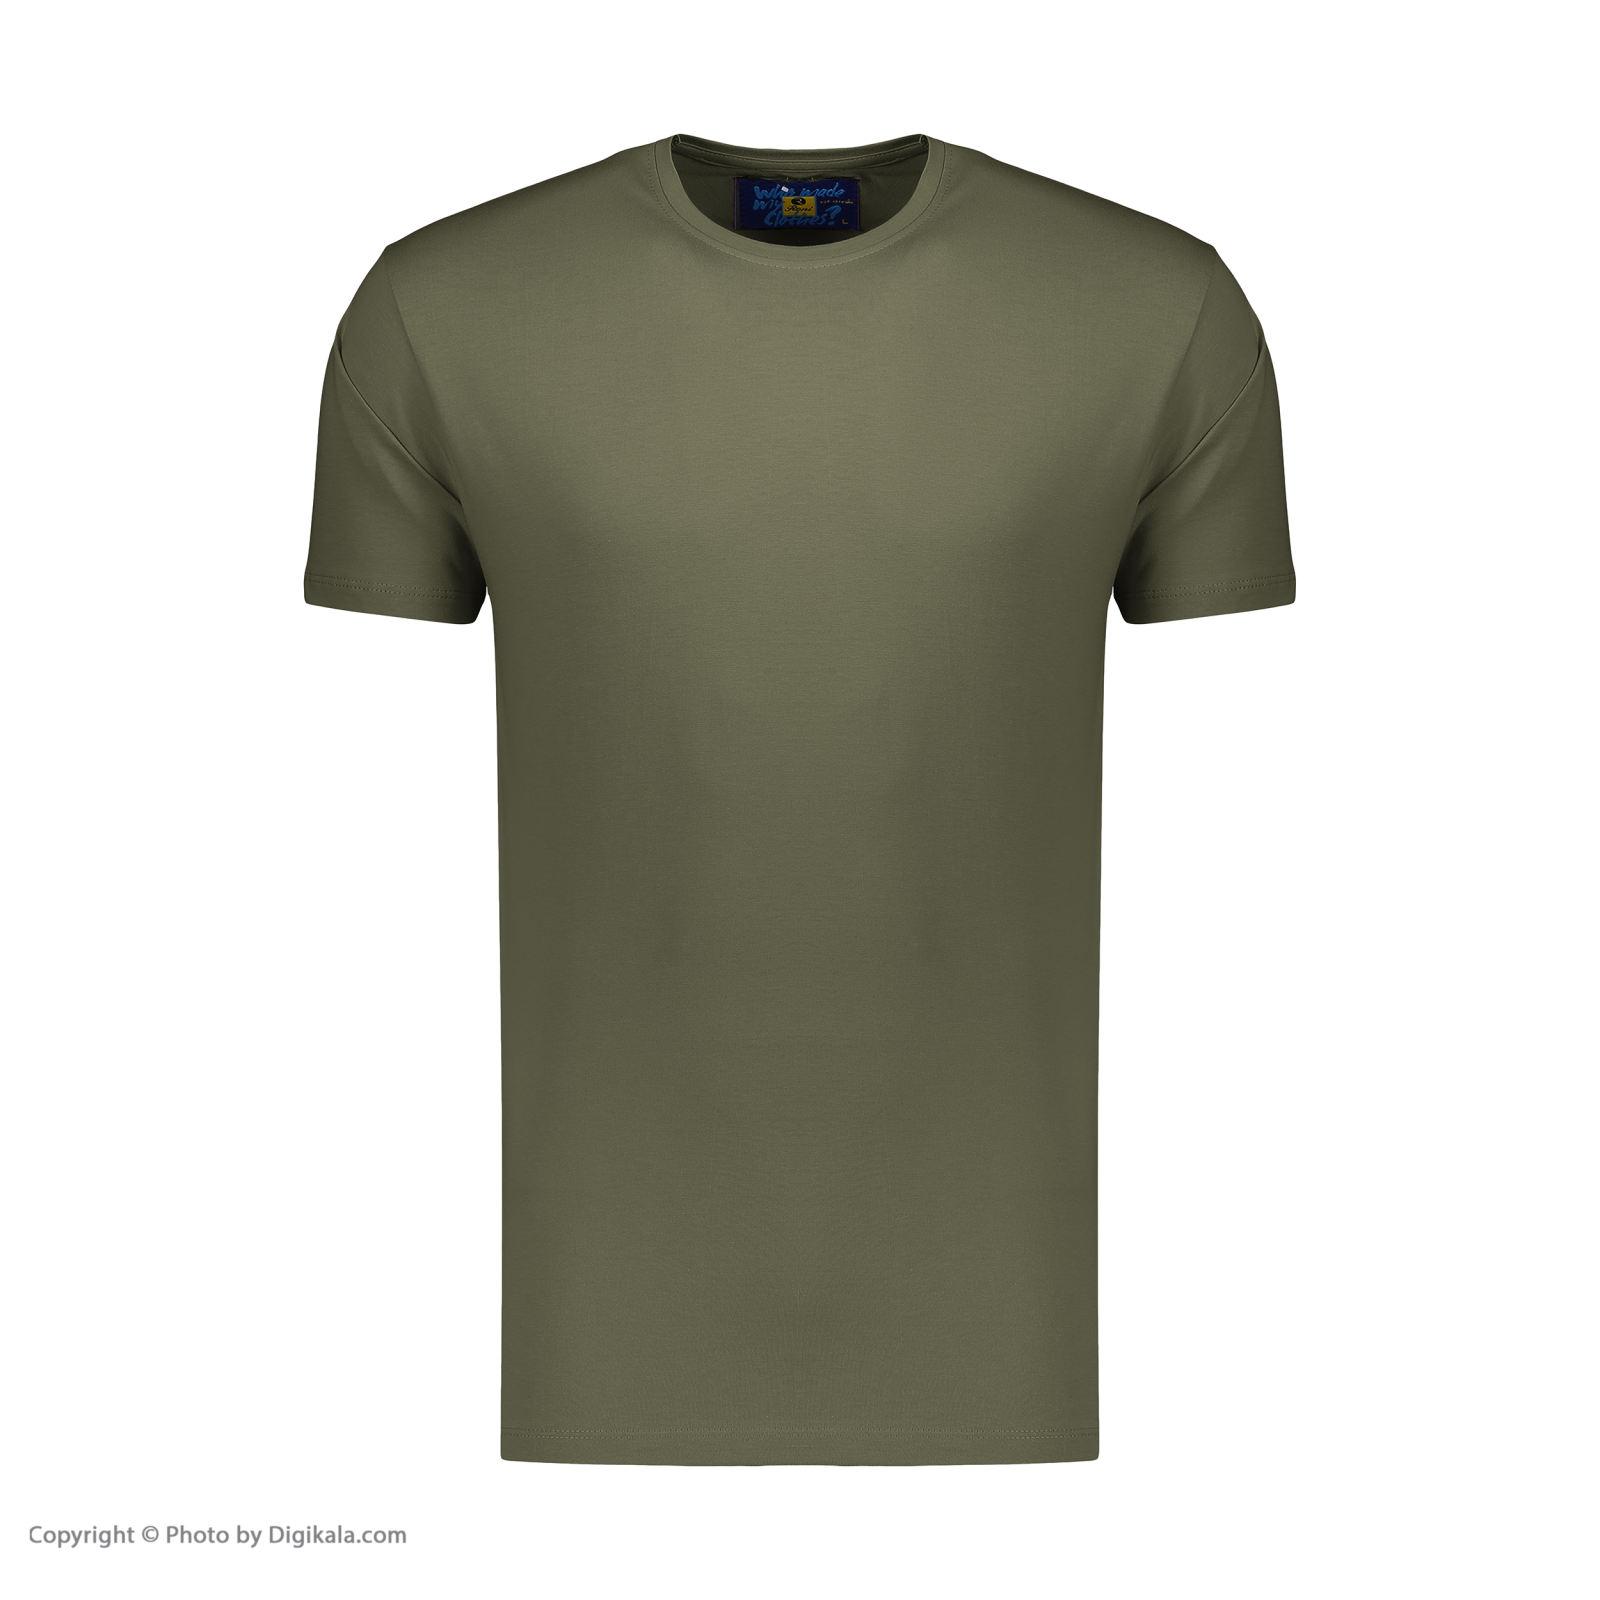 تیشرت مردانه رونی مدل 31110004-23 -  - 2